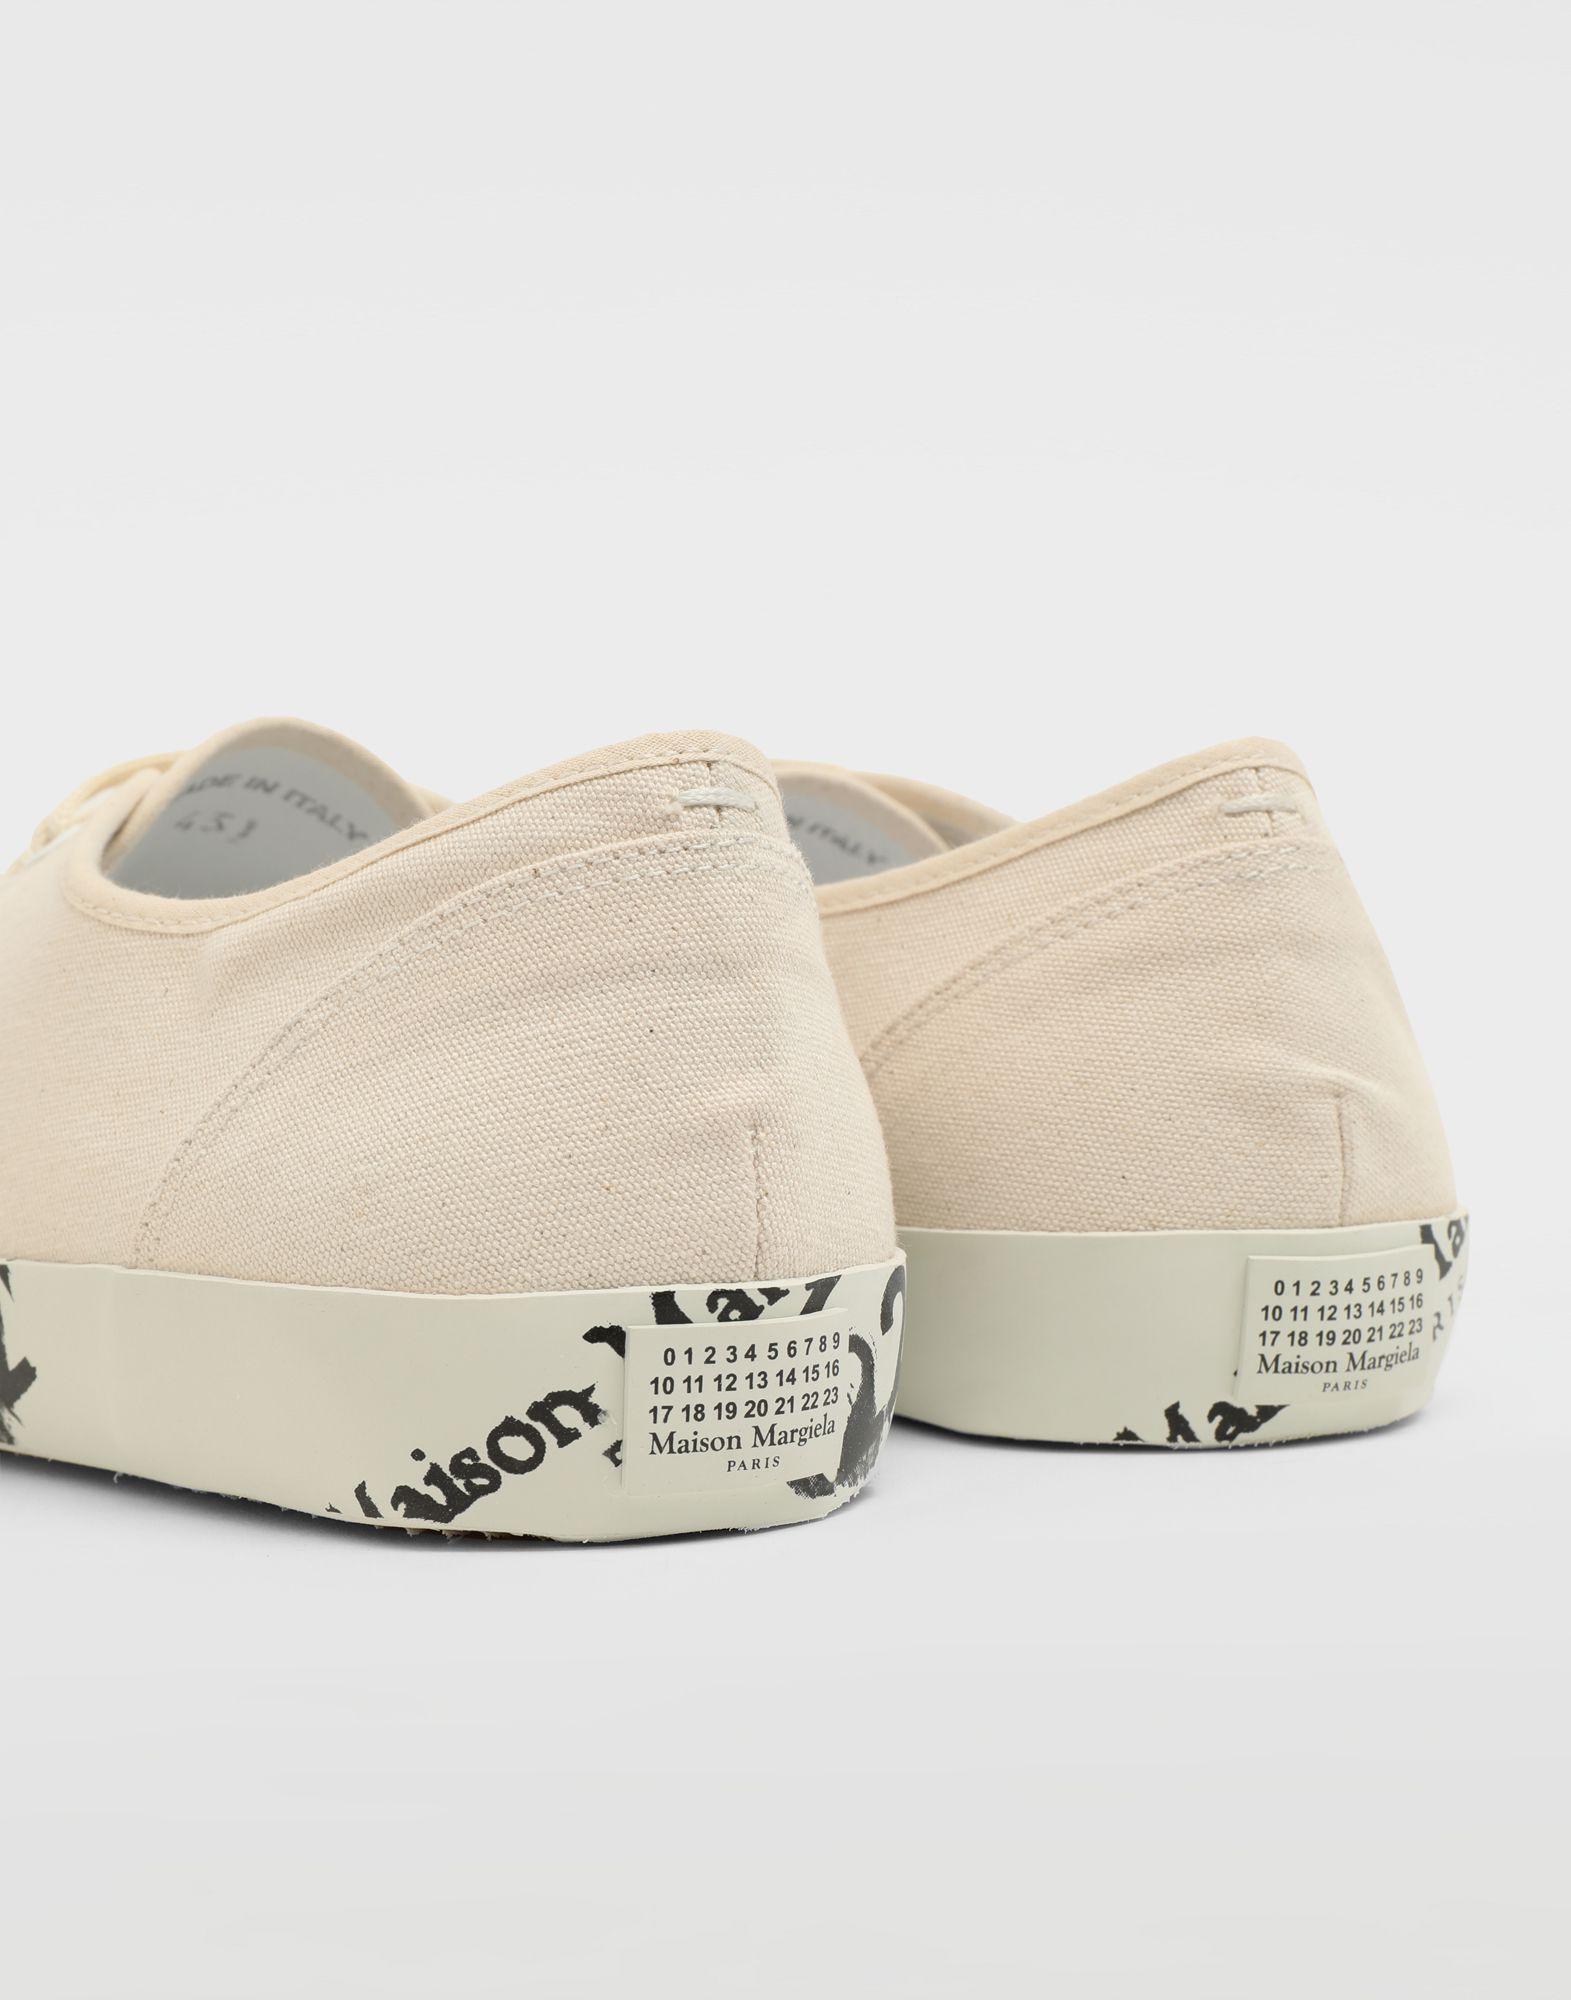 MAISON MARGIELA Schnürschuhe Tabi Sneakers Tabi Herren a